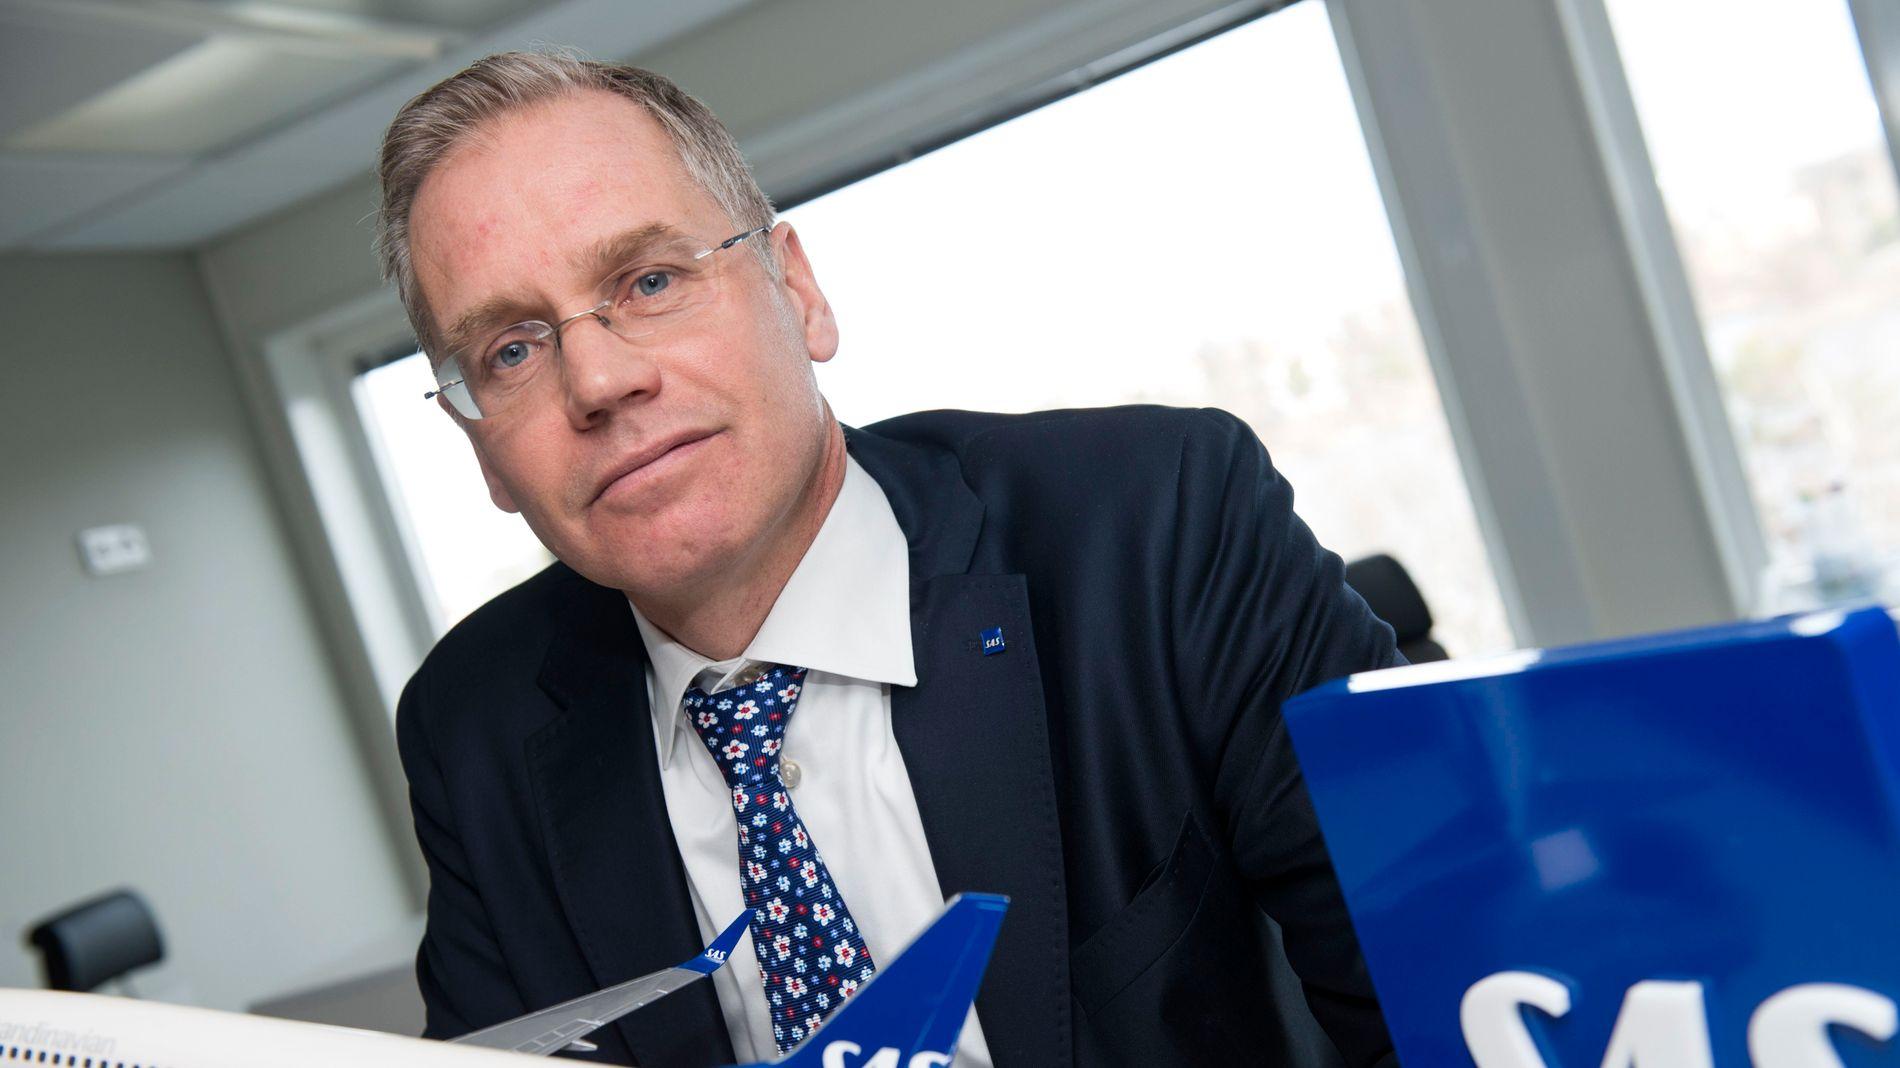 DYPT BEKYMRET: SAS-sjefen sier han er bekymret over at streiken ikke er løst. Selskapet innstiller nå 504 avganger over hele Skandinavia onsdag.